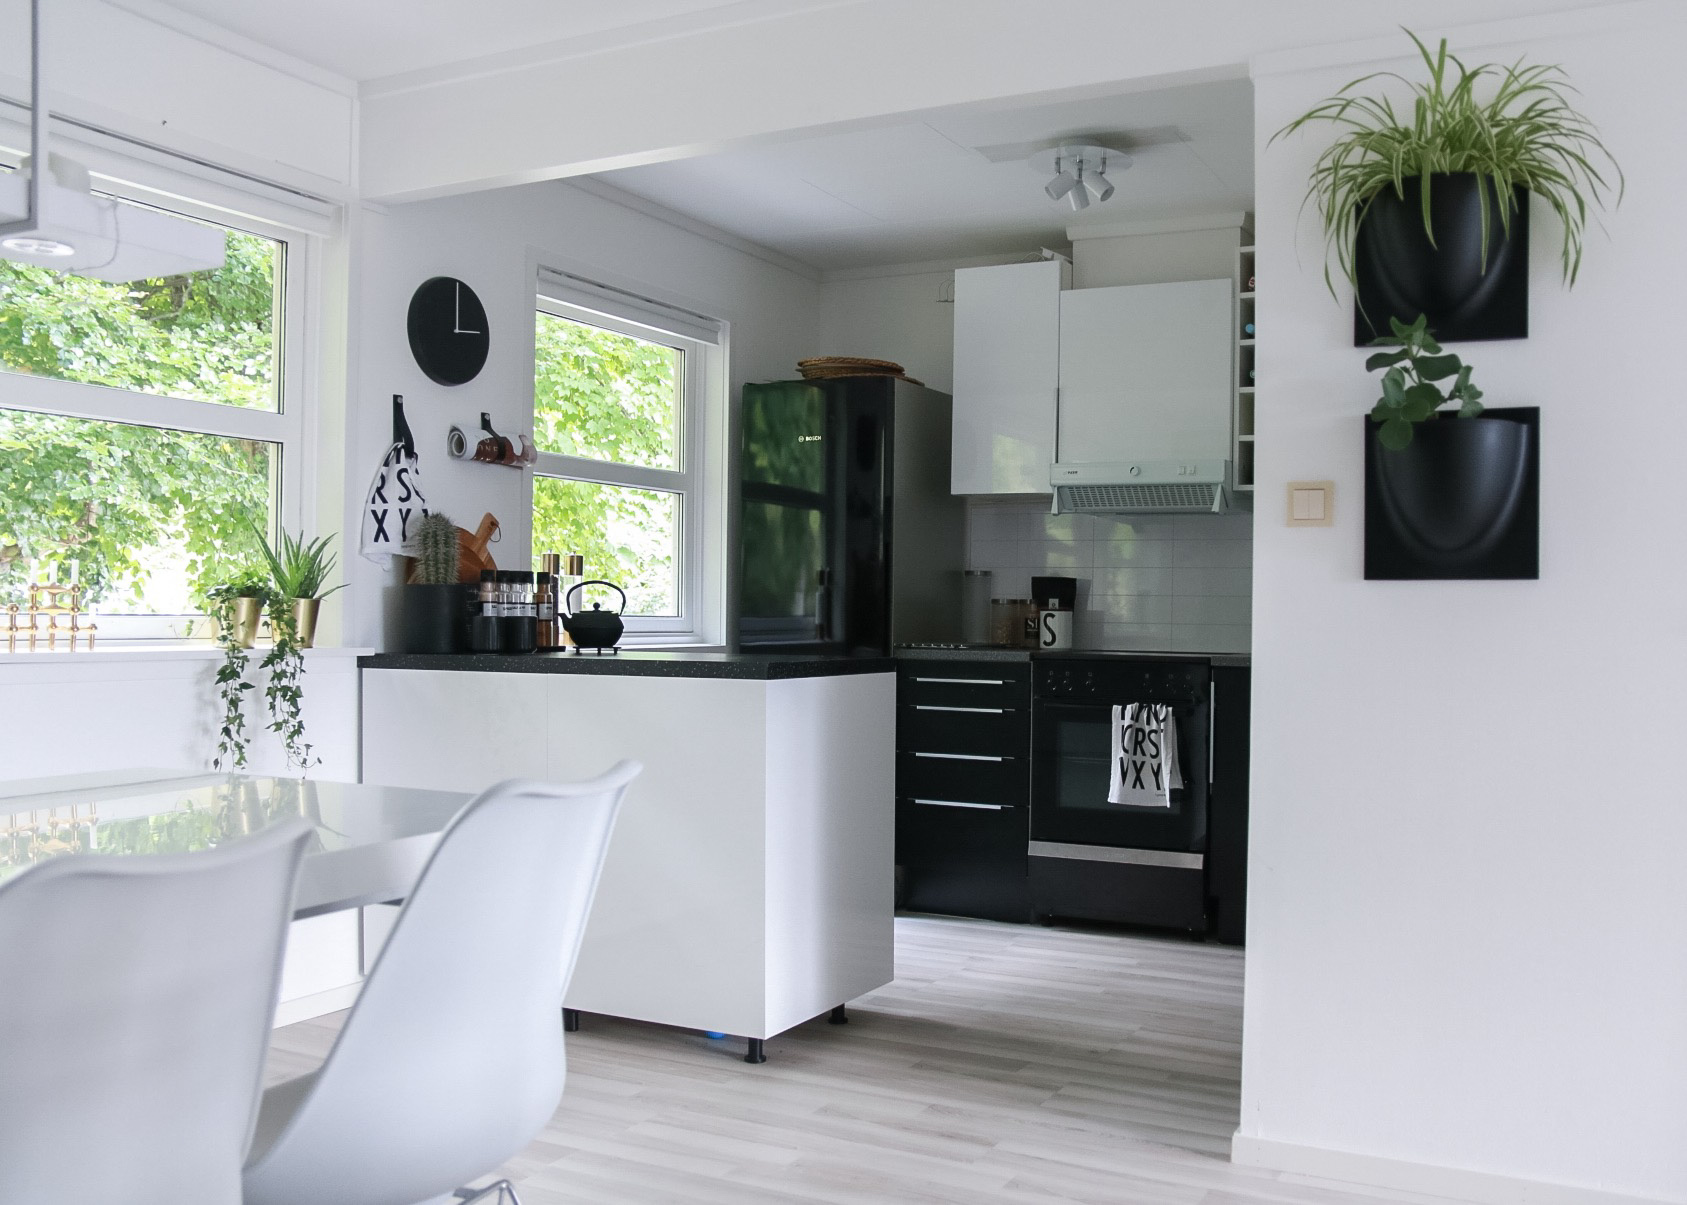 oppussing av kjøkkenet - på budsjett - hvitelinjer